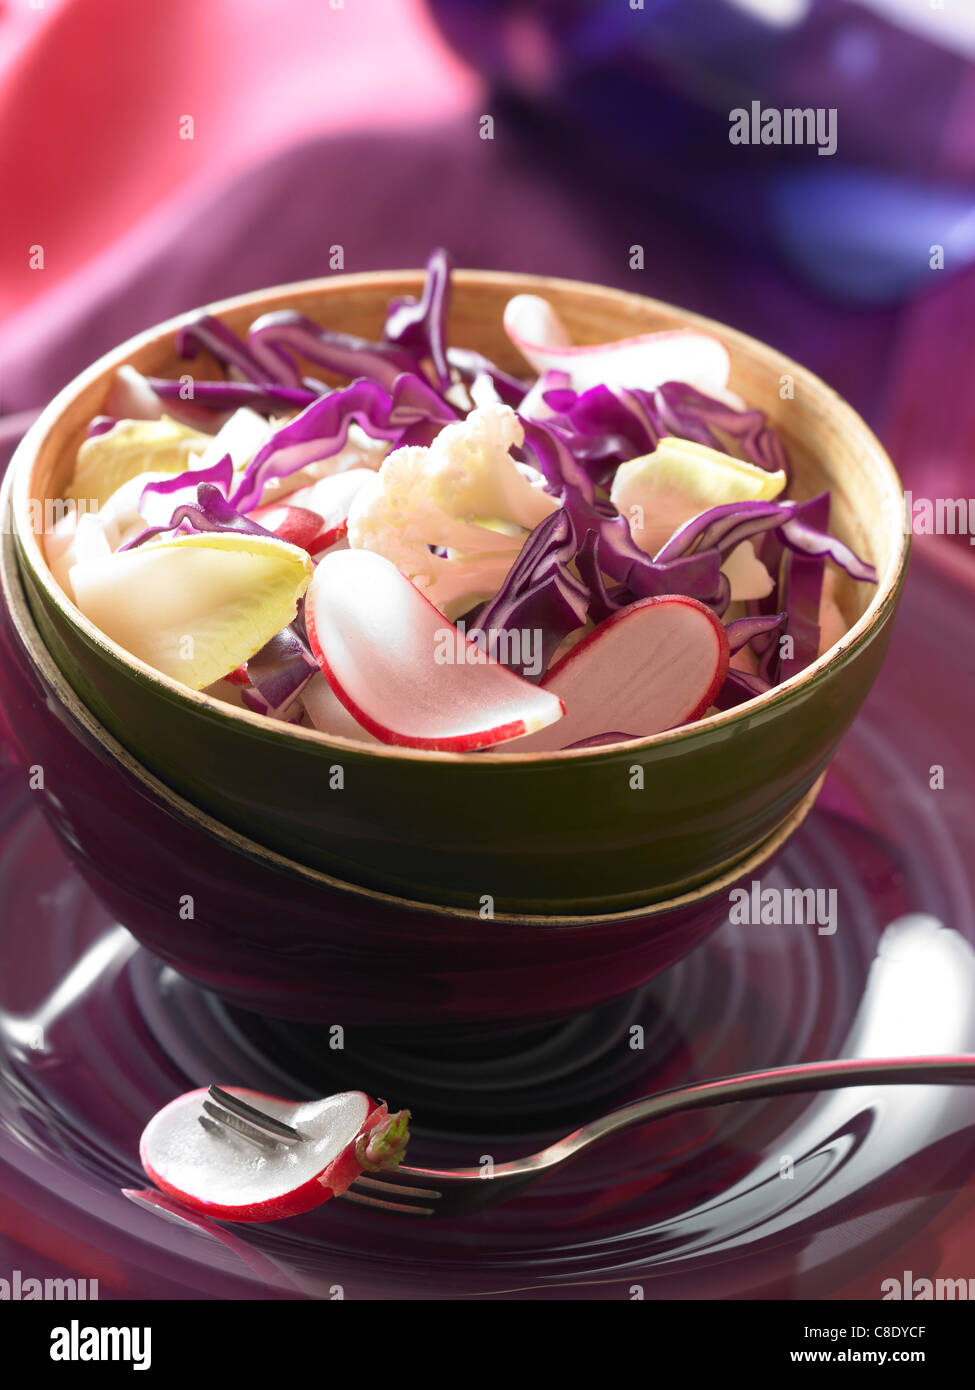 Knackig, gemischter Salat Stockbild